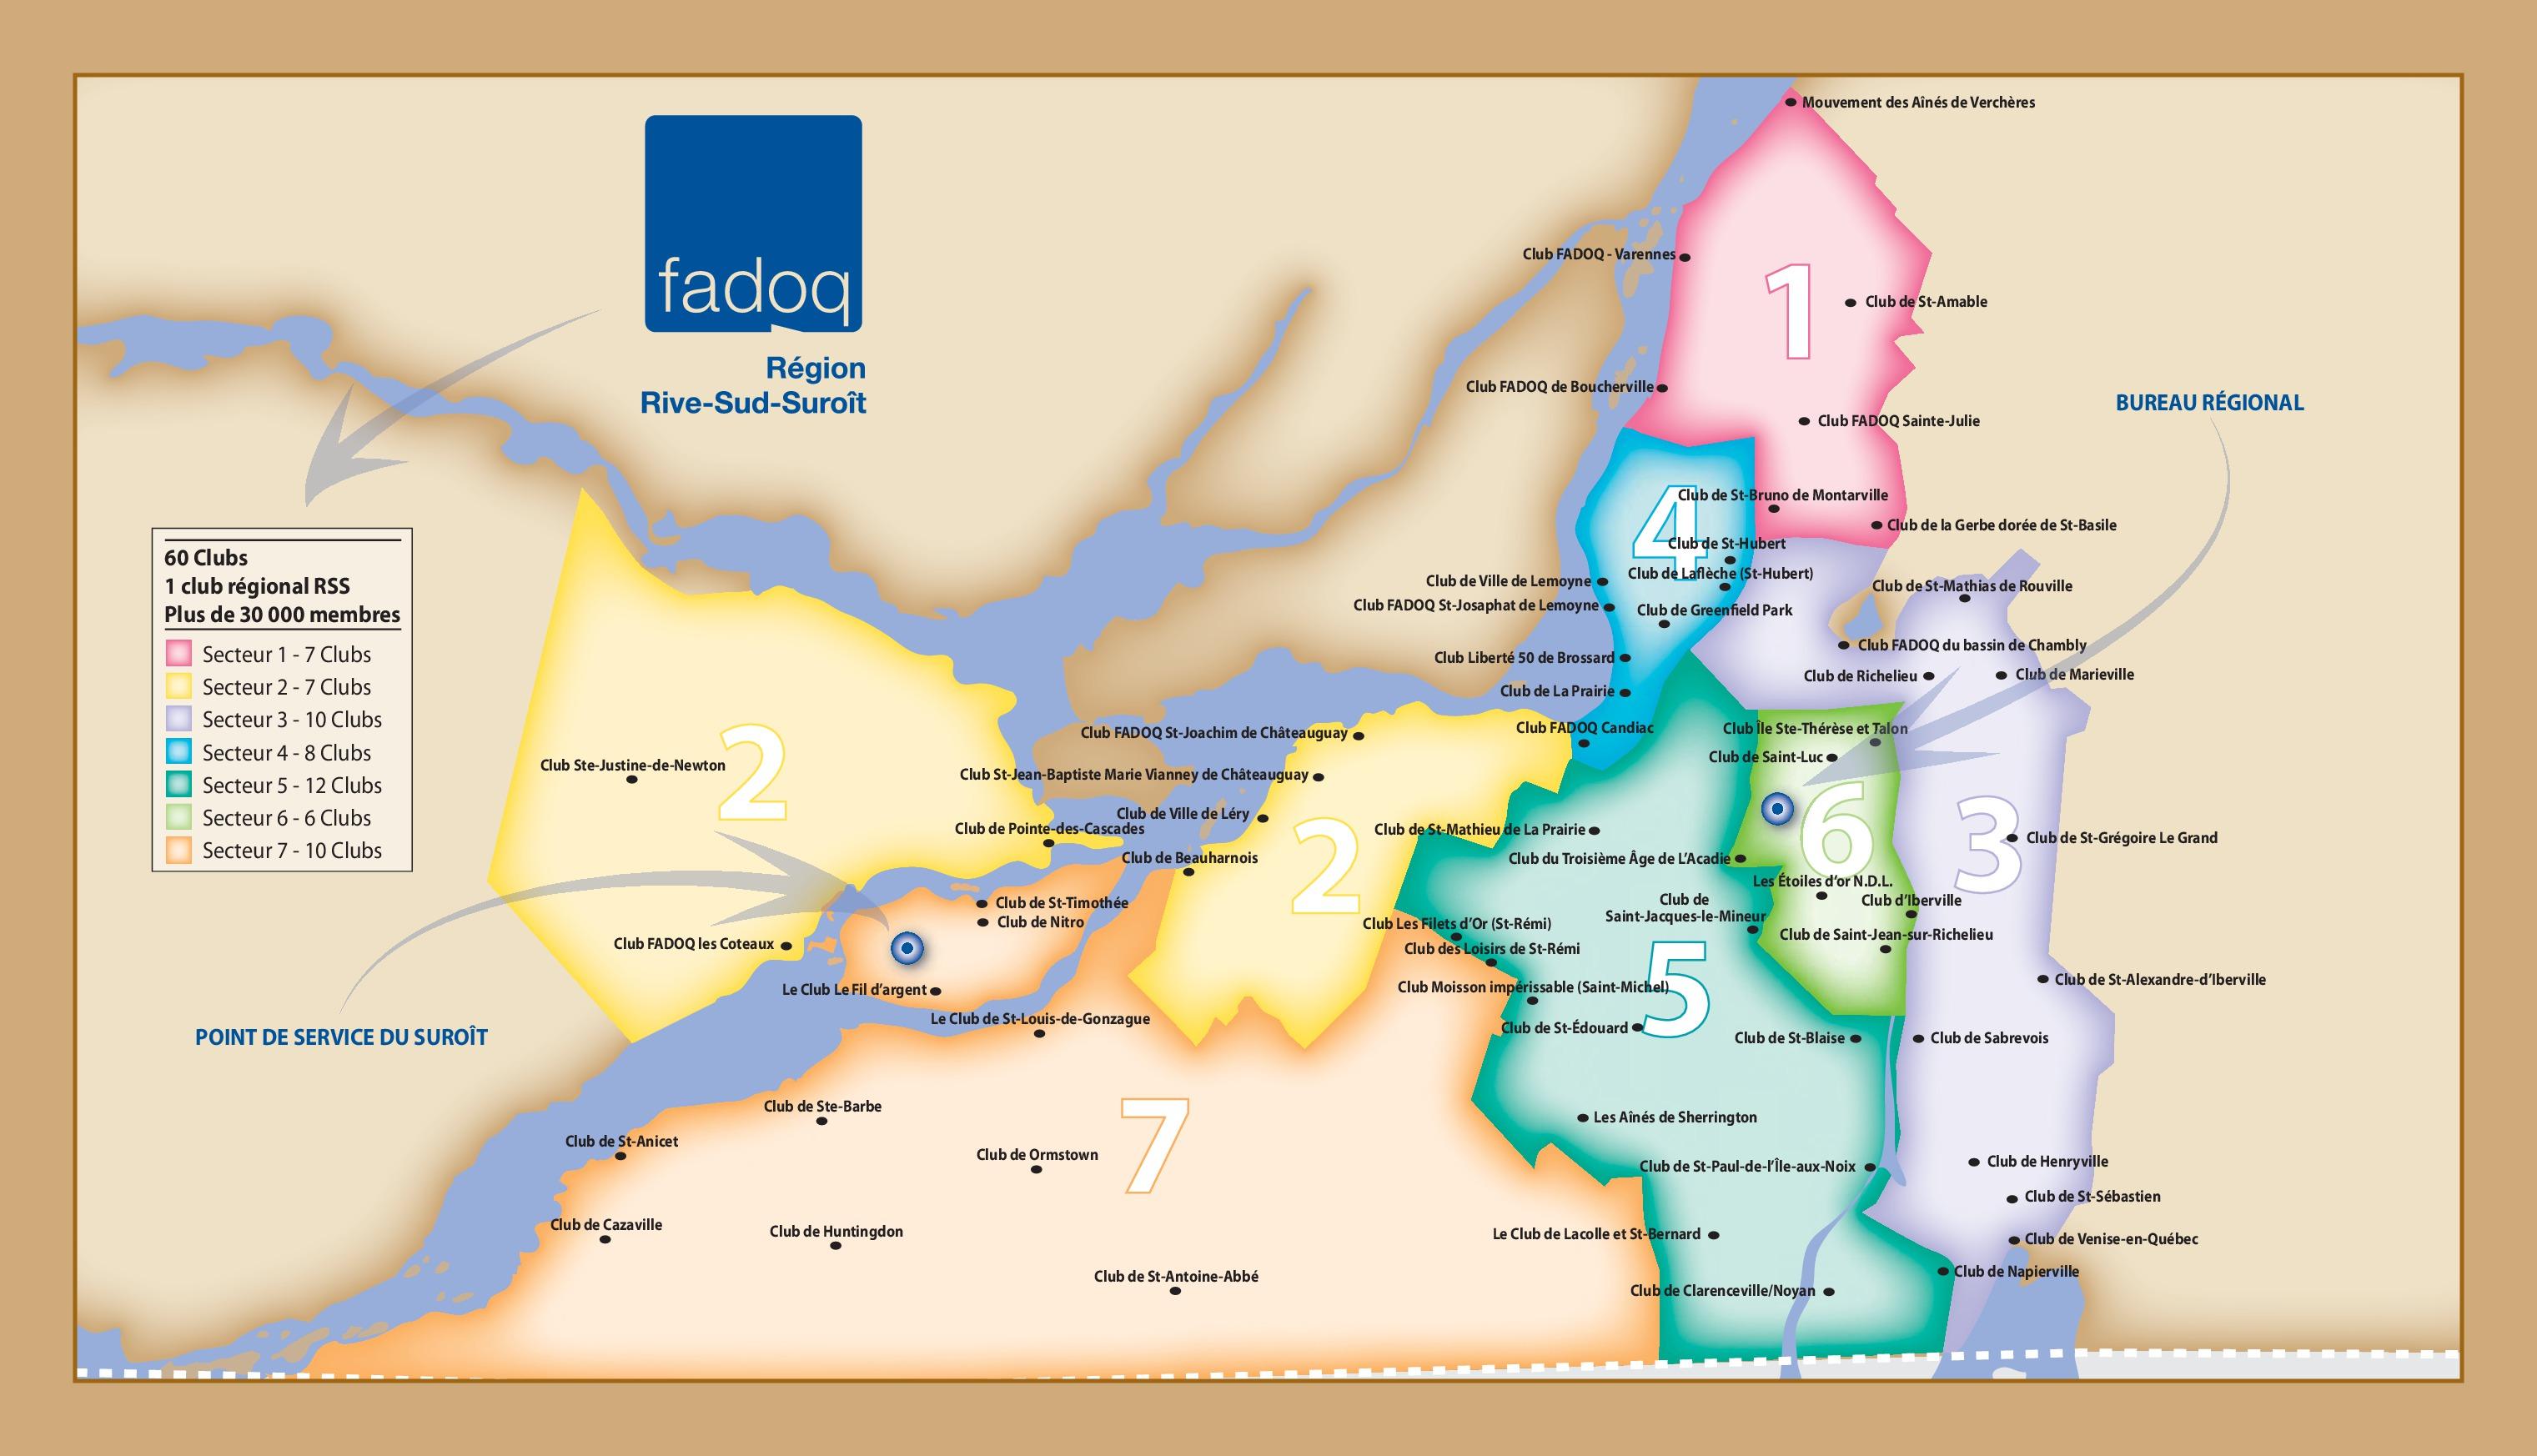 Carte des clubs de la Région Rive-Sud-Suroît